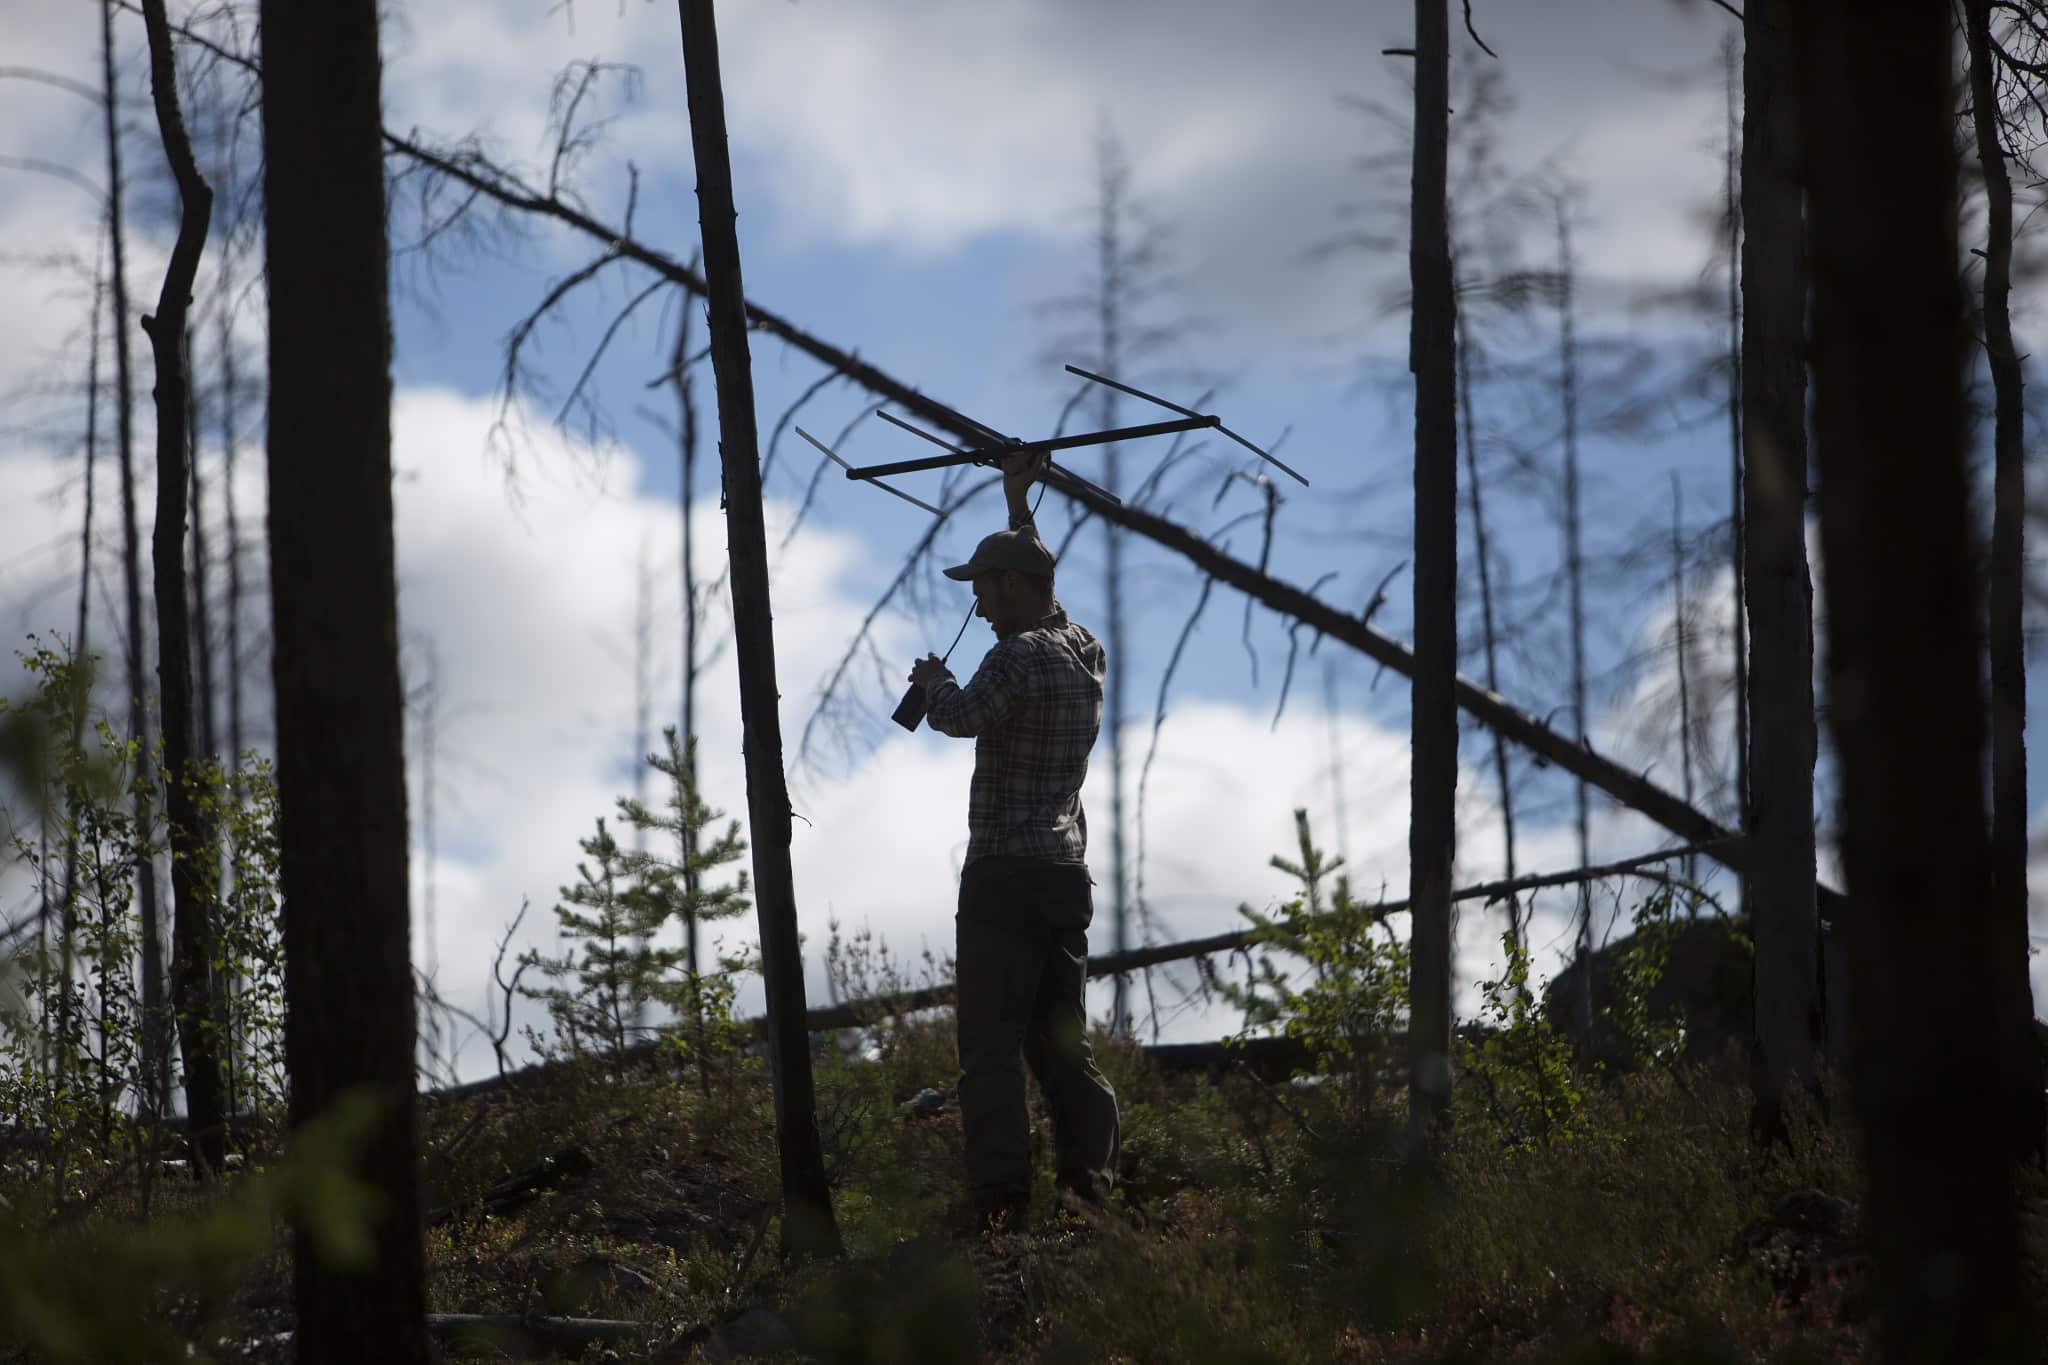 Björnforskningsprojektets fälttekniker David Ahlqvist försöker pejla in en björn som försöksjagas med hund. Foto: Olle Olsson